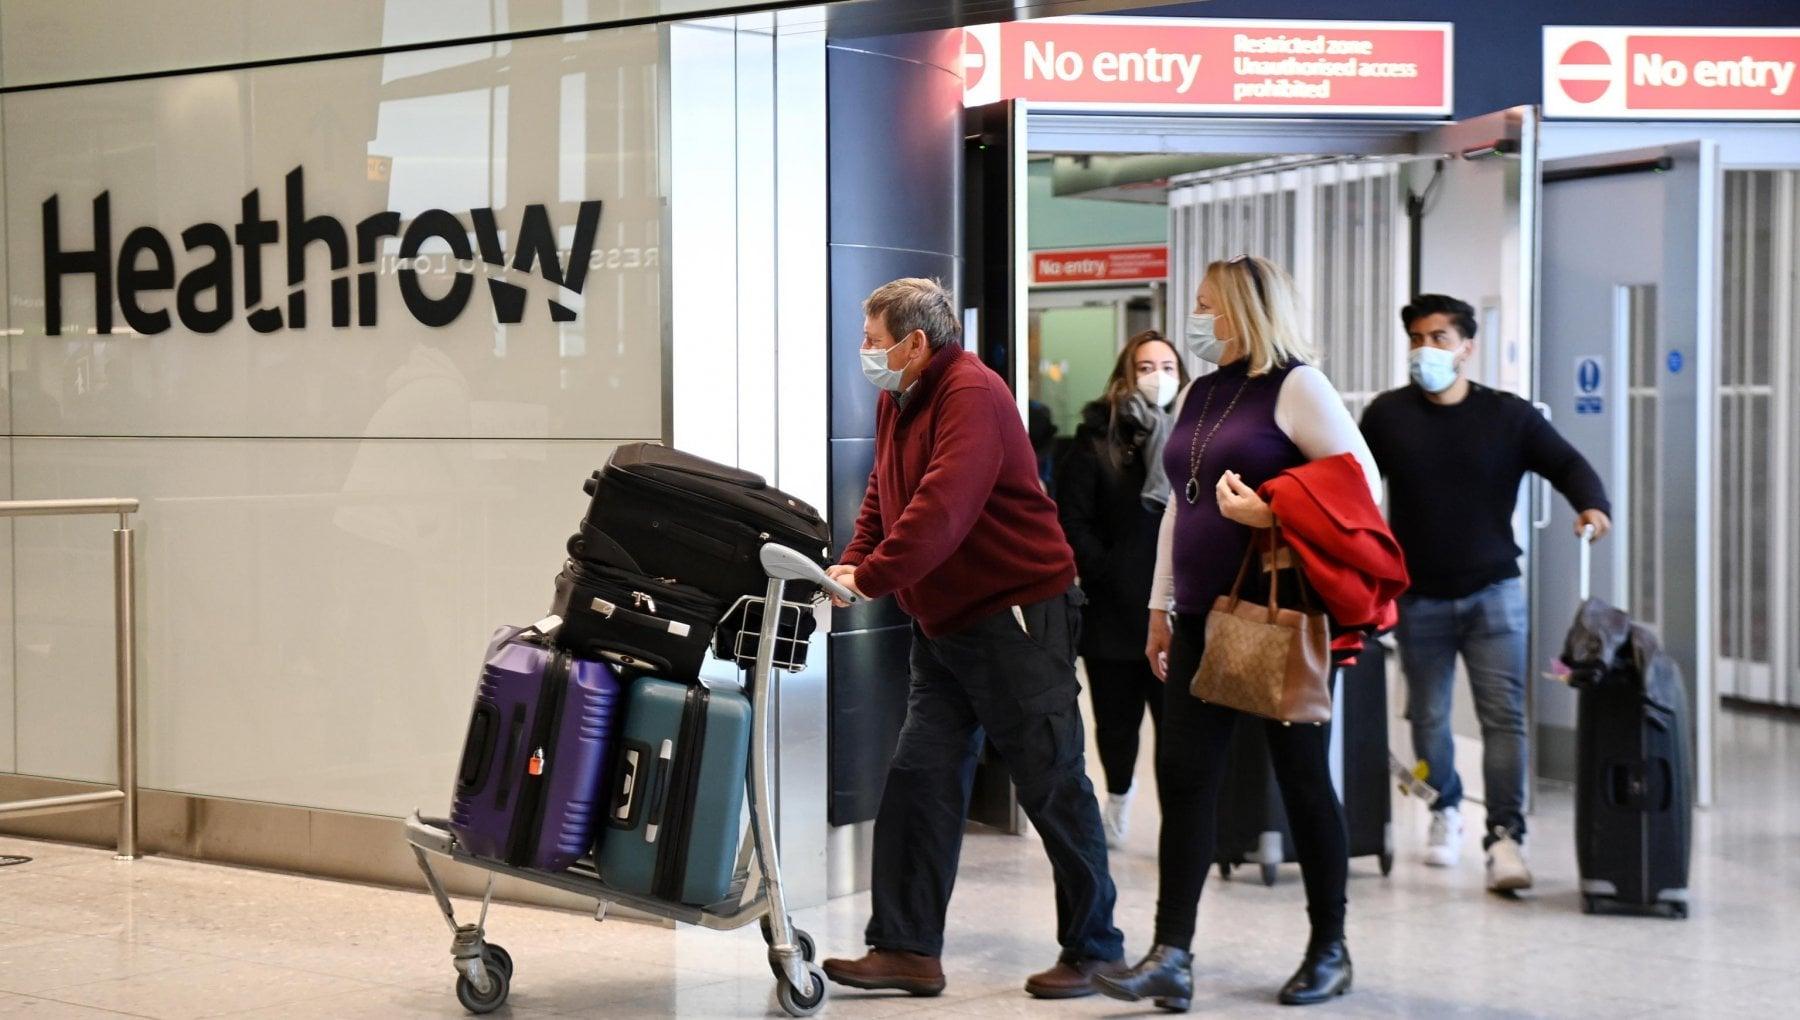 Bye bye London con Brexit e Covid e fuga dalla capitale britannica